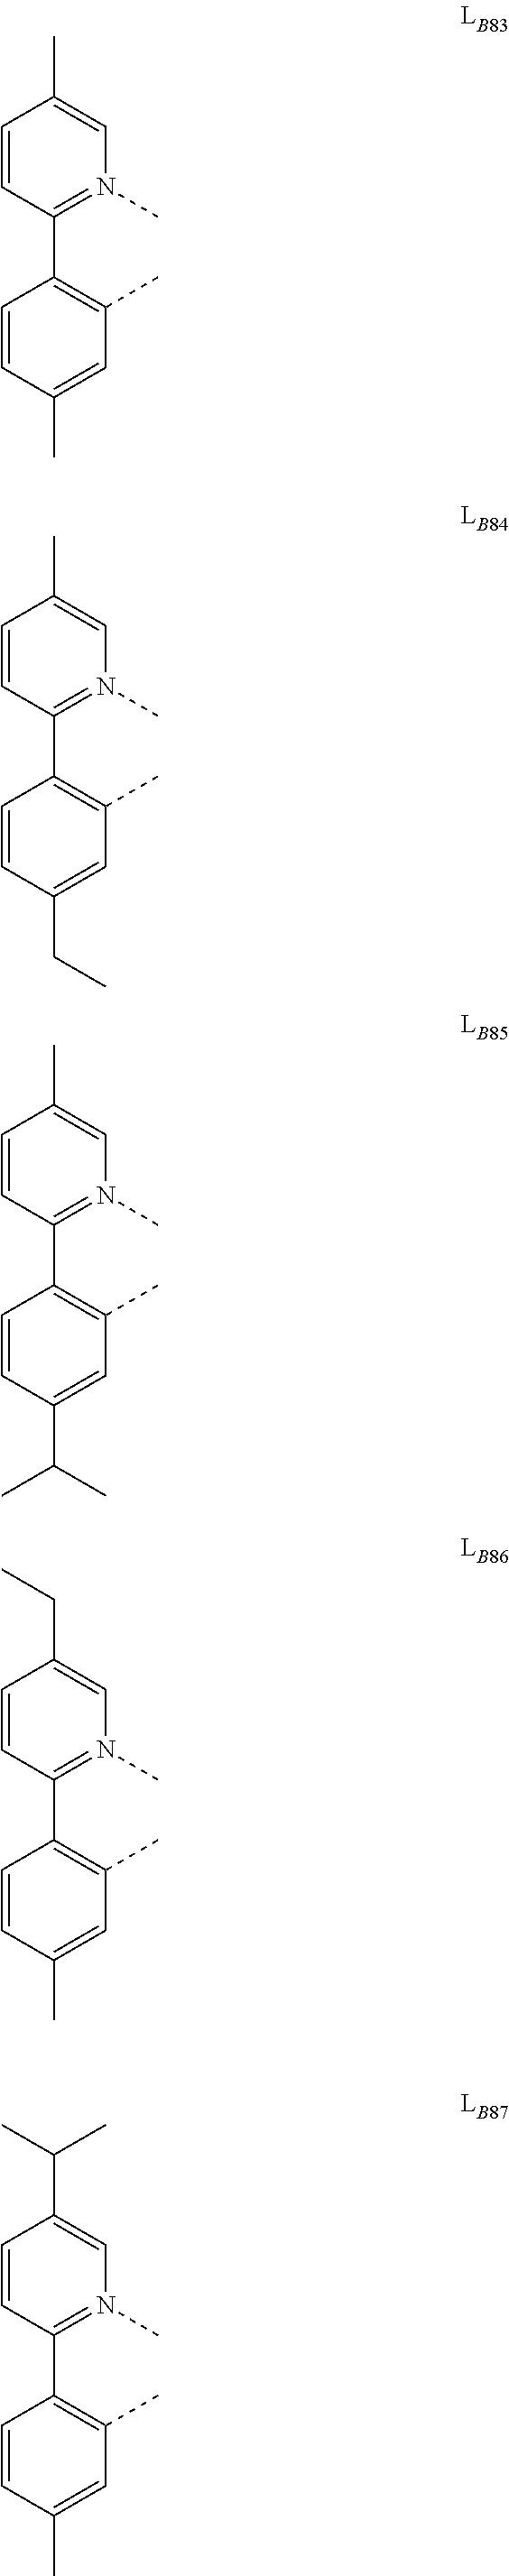 Figure US09929360-20180327-C00232